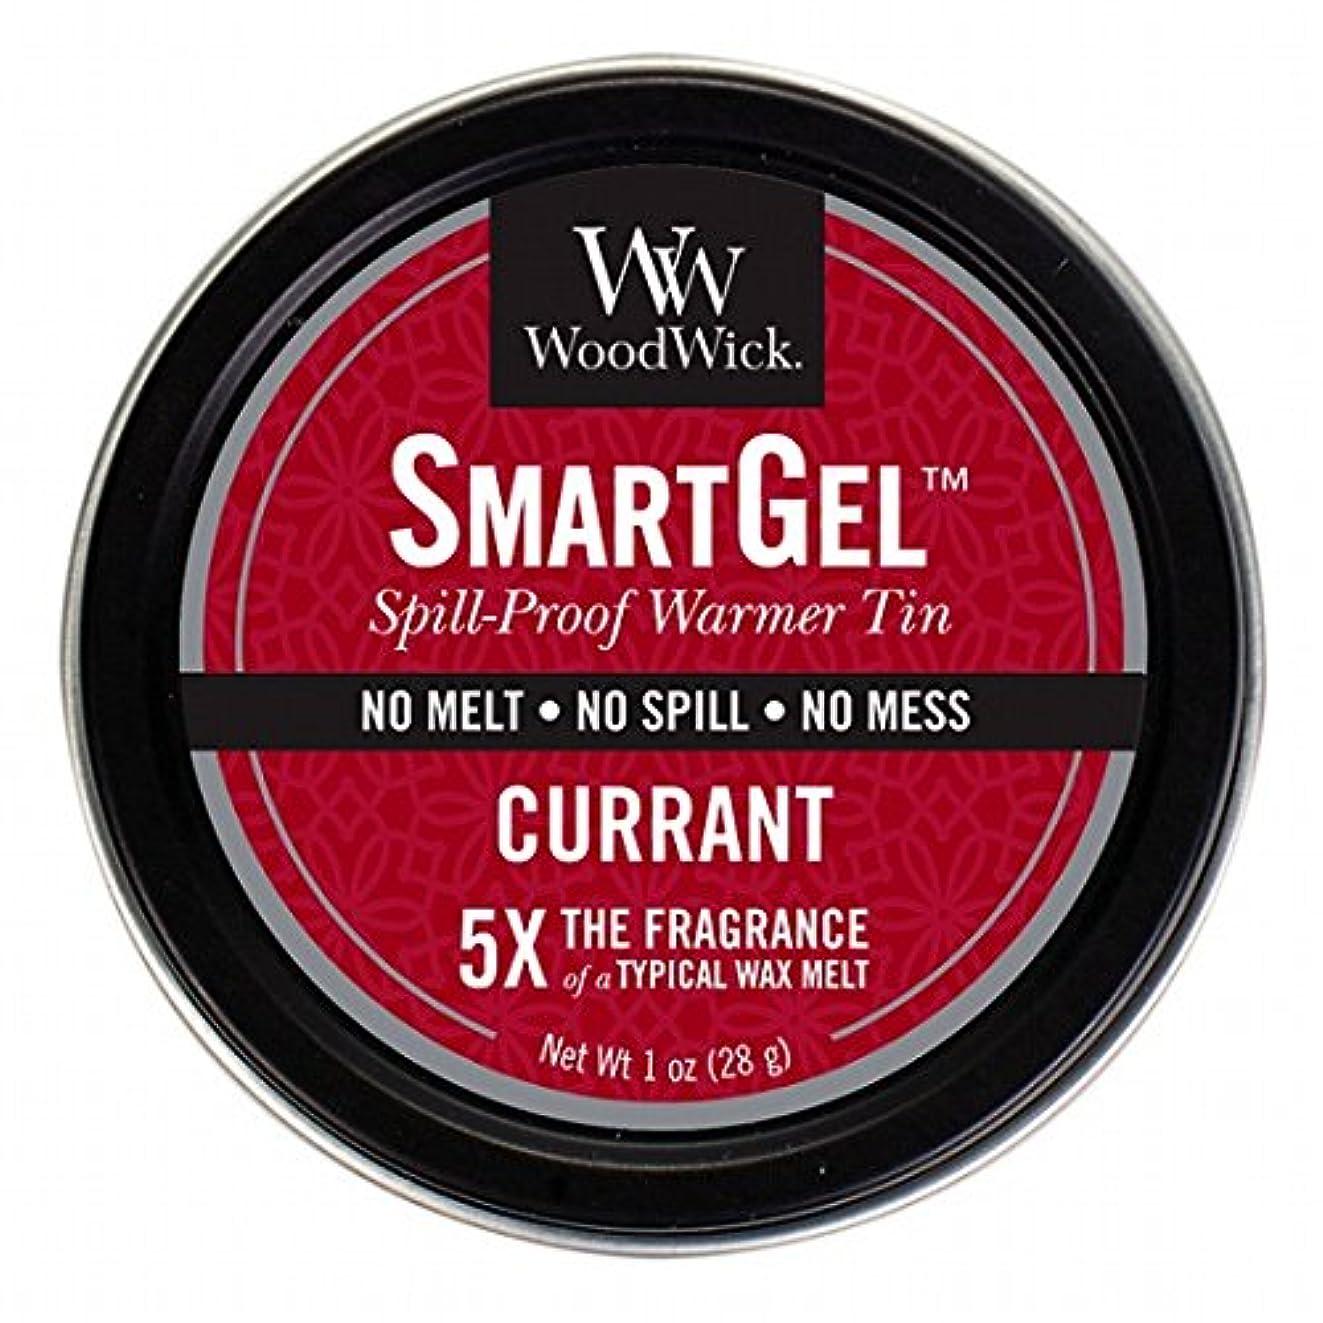 促す他の場所骨折WoodWick(ウッドウィック) Wood Wickスマートジェル 「 カラント 」W9630520(W9630520)